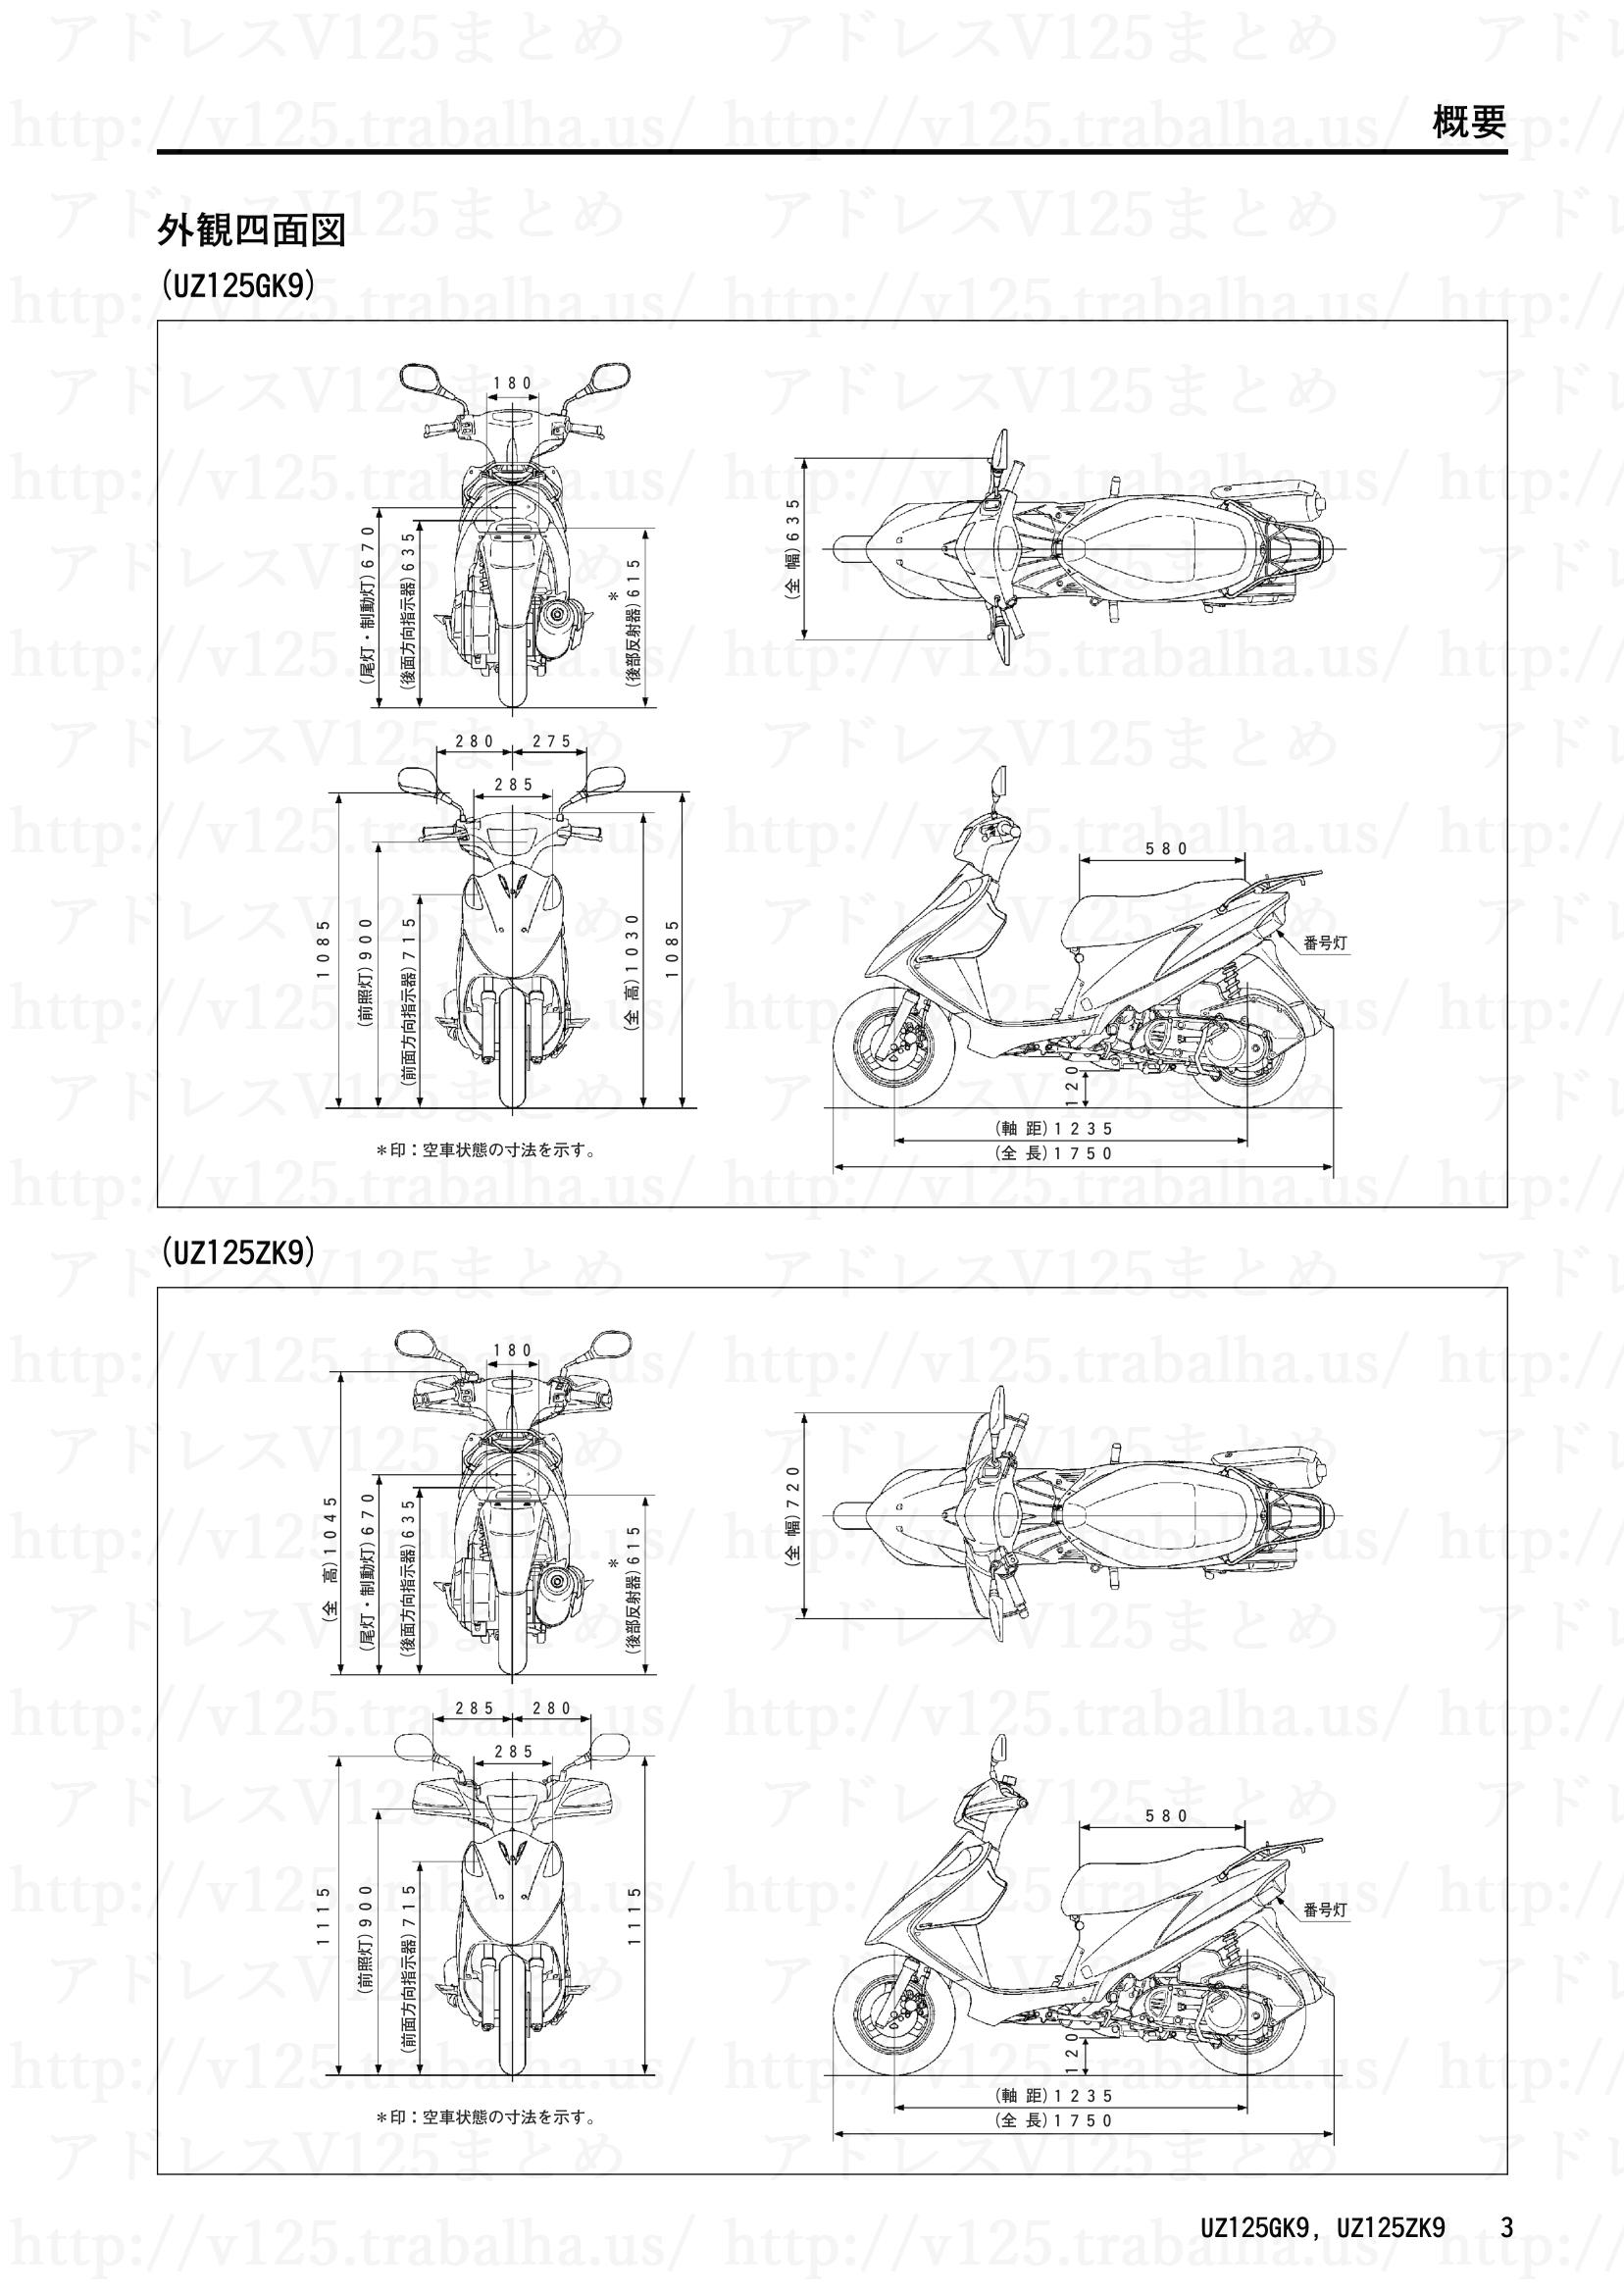 追補【UZ125GK9/UZ125ZK9】旧モデルとの主な相違点3